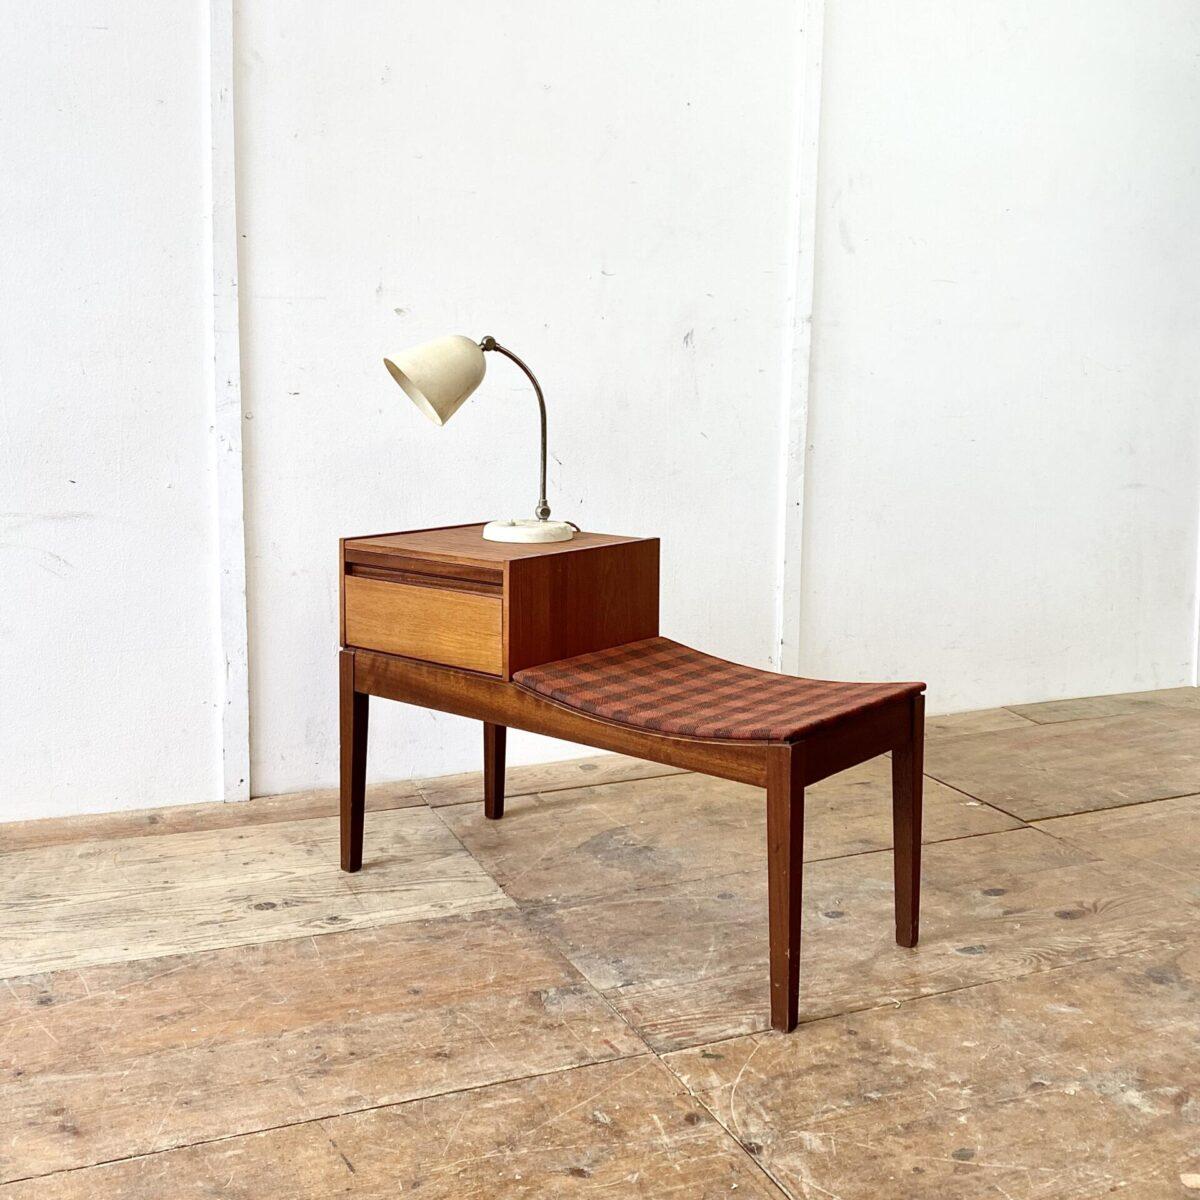 Deuxieme.shop Midcentury Teak Telefontisch mit Sitzbank. Dieses kleine Sideboard hat ein Fach mit Klappe. Das Auszugtablar hat eine weisse Beschichtung um ein paar Nummern drauf zu schreiben. Die Sitzschale ist mit einem braun-orange karierten Stoff bezogen.